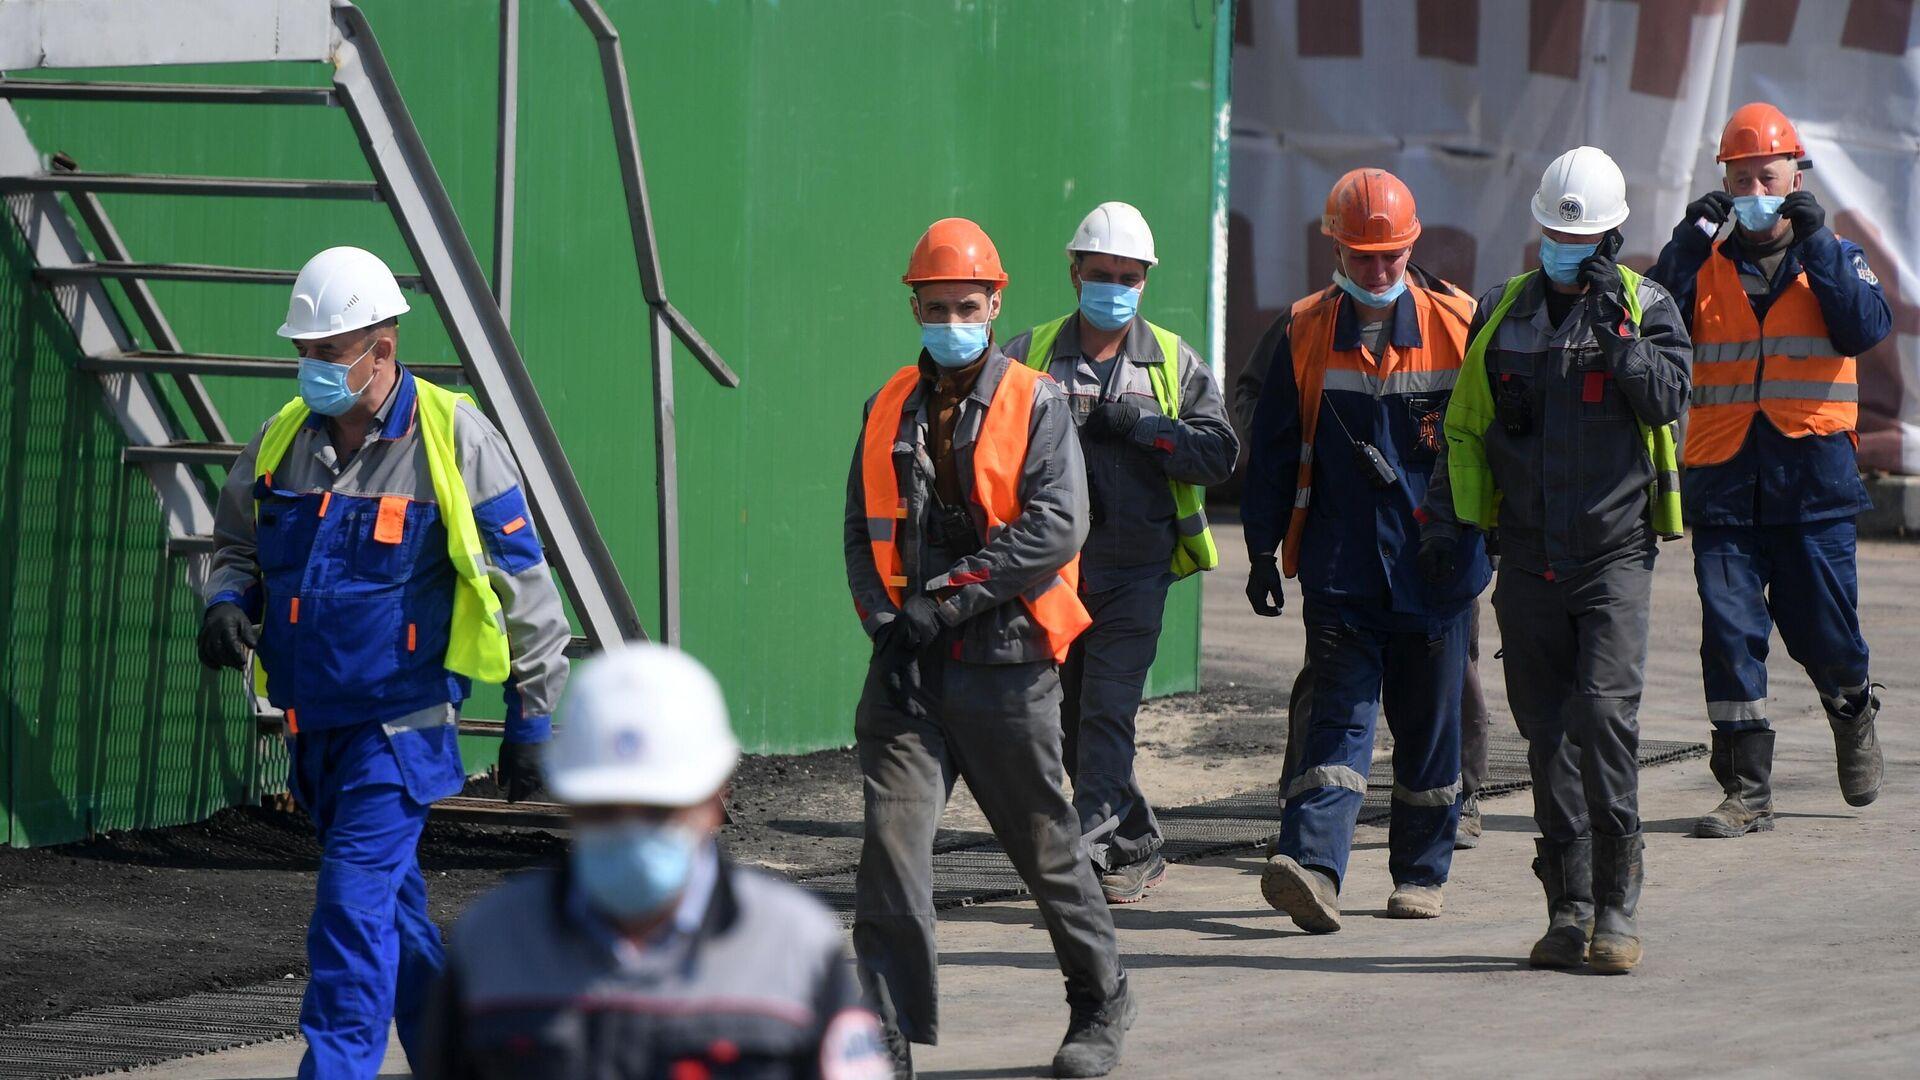 Рабочие в защитных масках во врем строительства станции метро Кленовый бульвар - РИА Новости, 1920, 11.11.2020